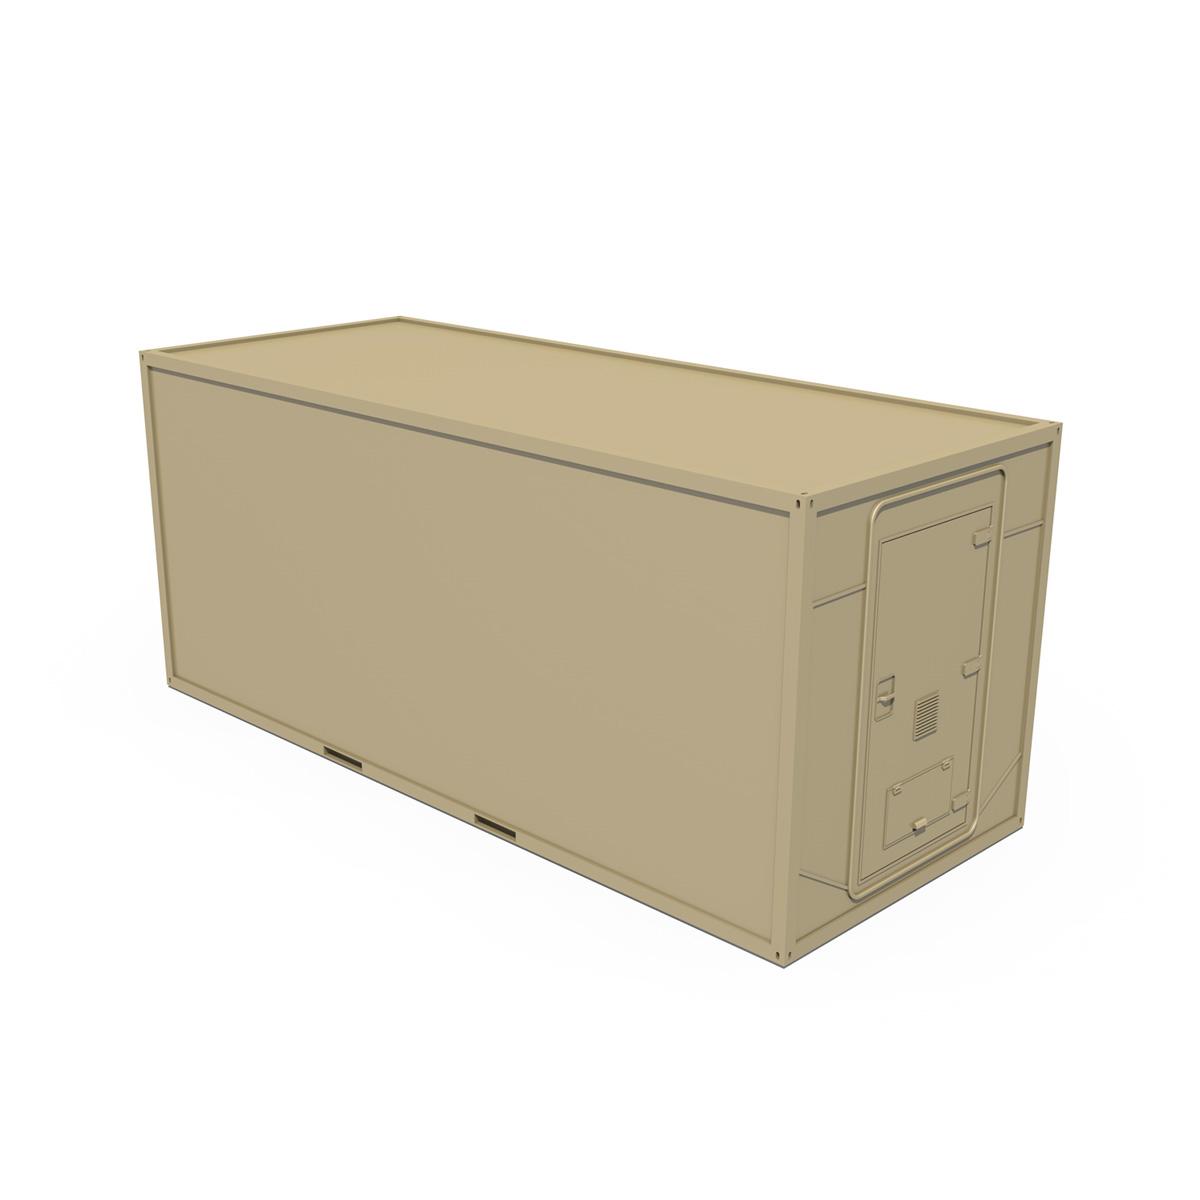 20ft office container version two 3d model 3ds fbx c4d lwo obj 252277